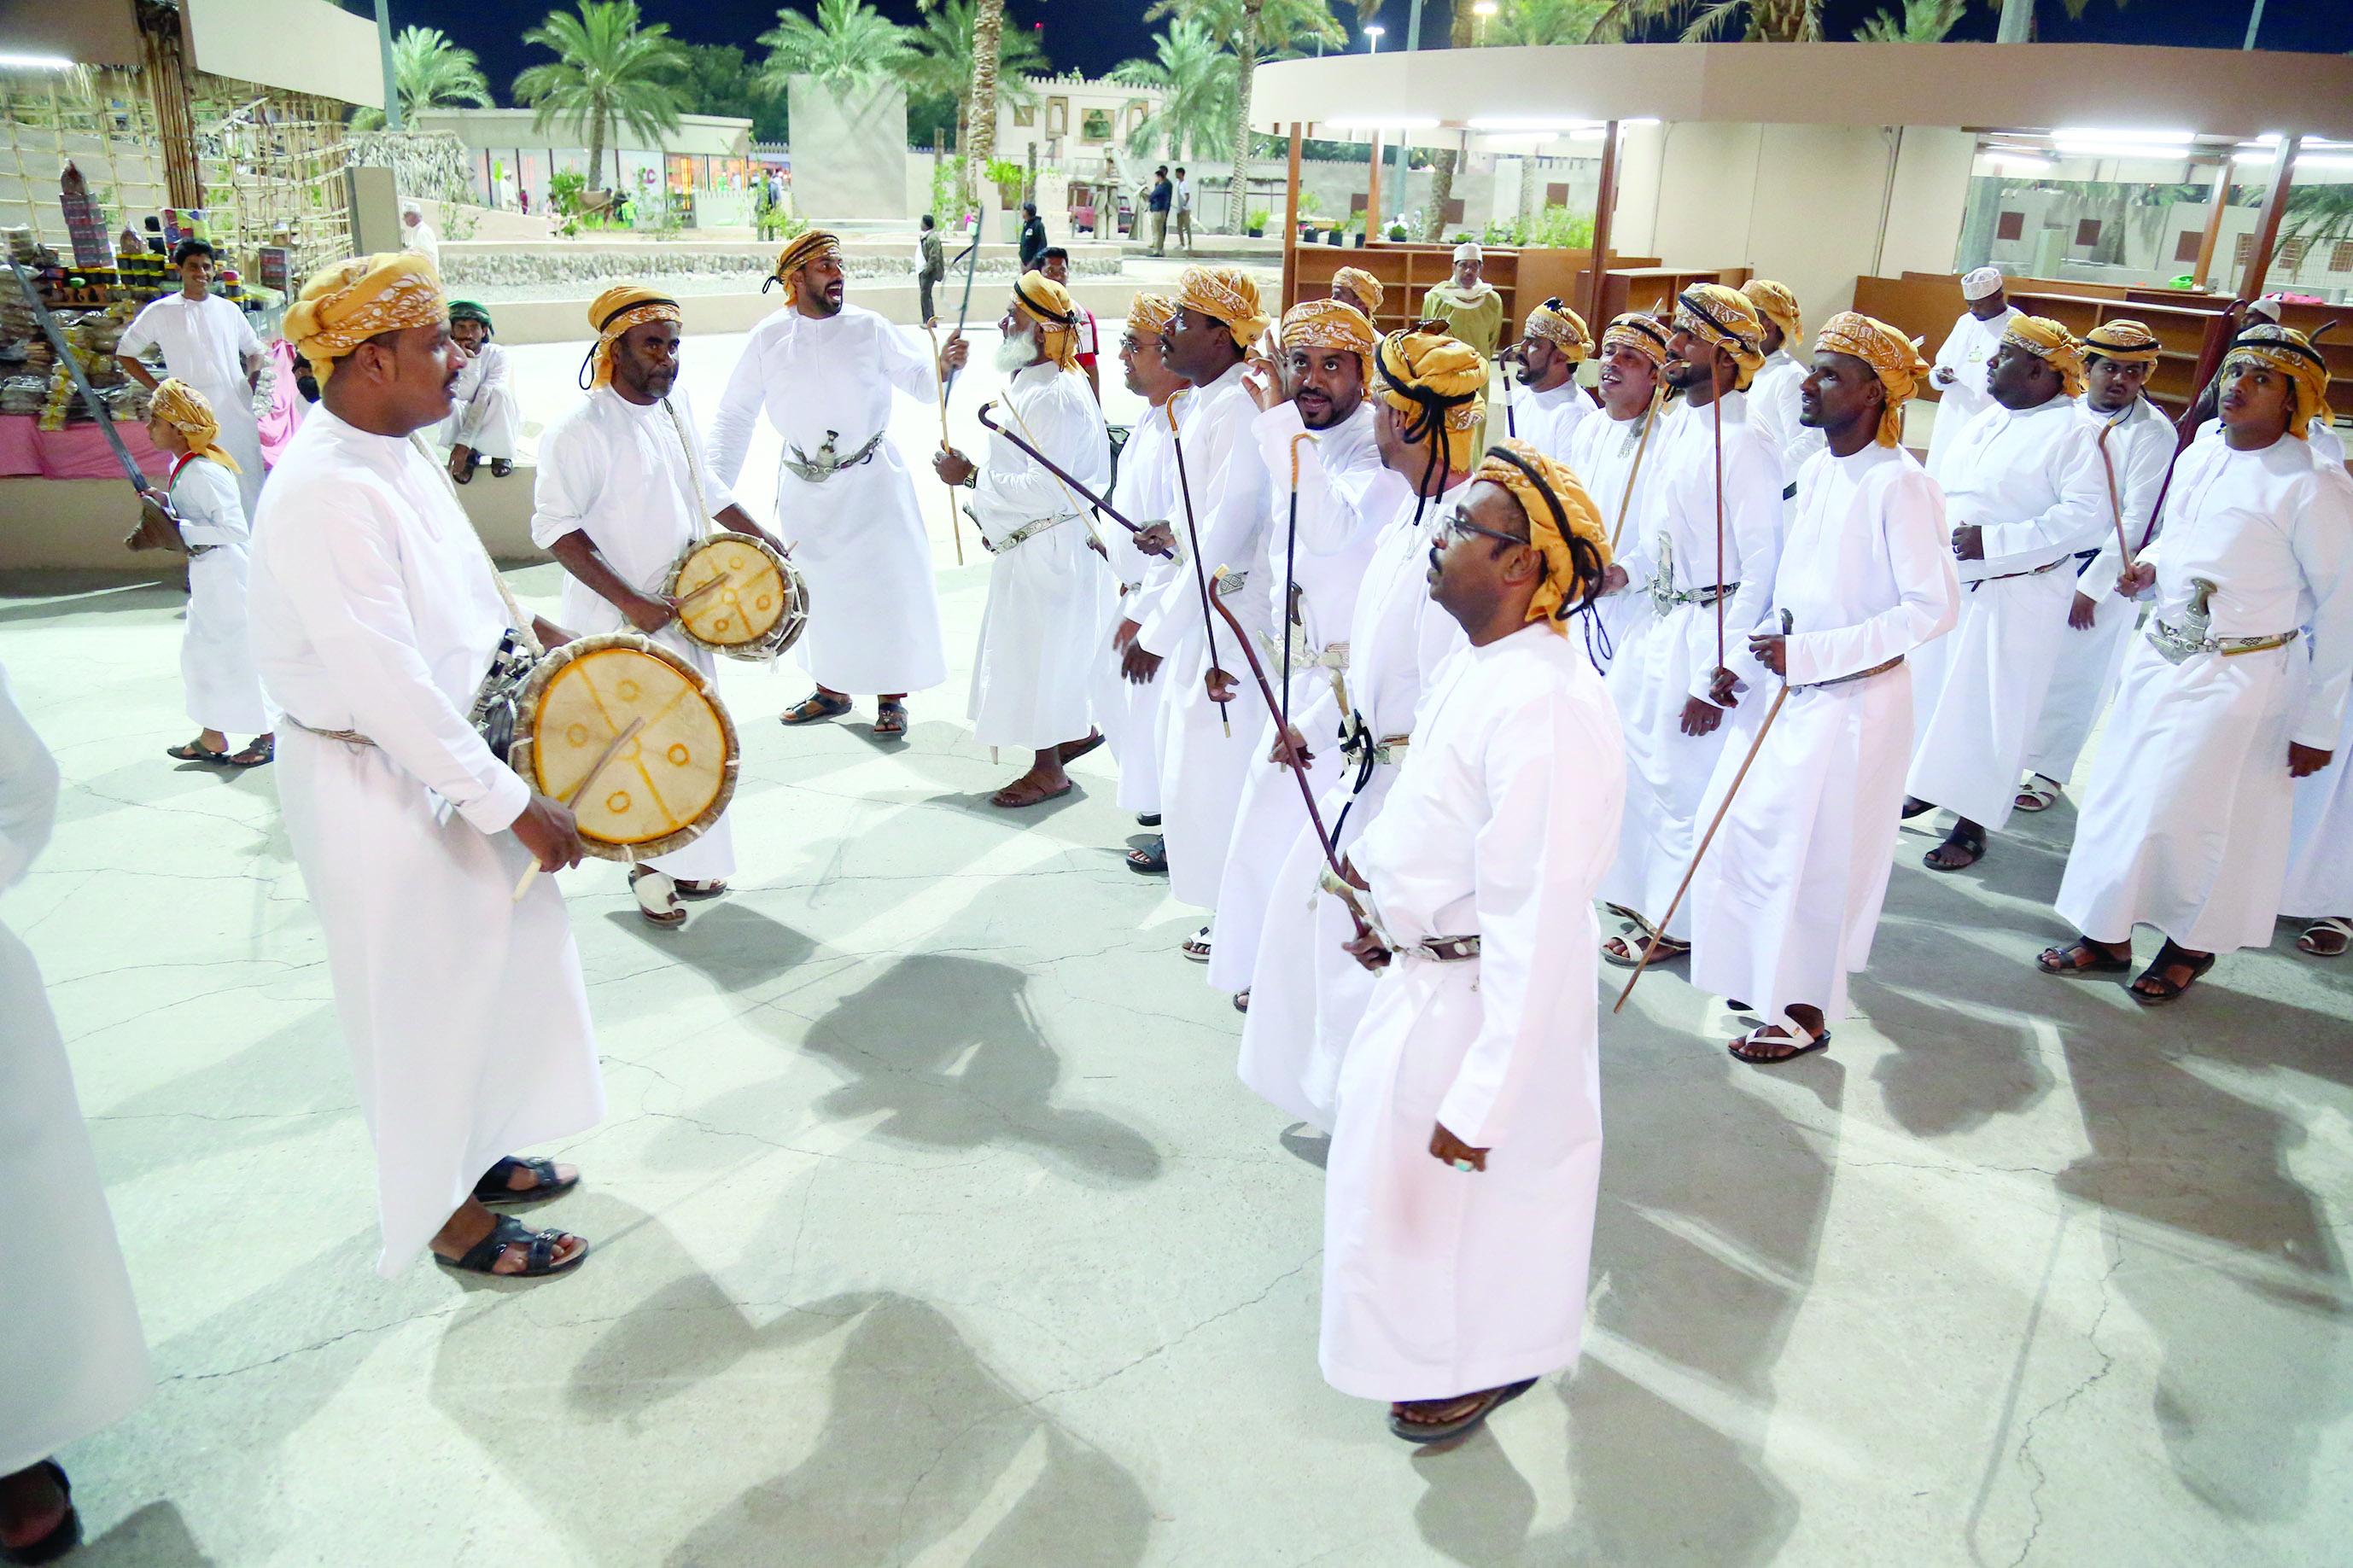 شاهد بالصور.. فنون أهل عُمان الشعبية من البدوي إلى أهل البحر